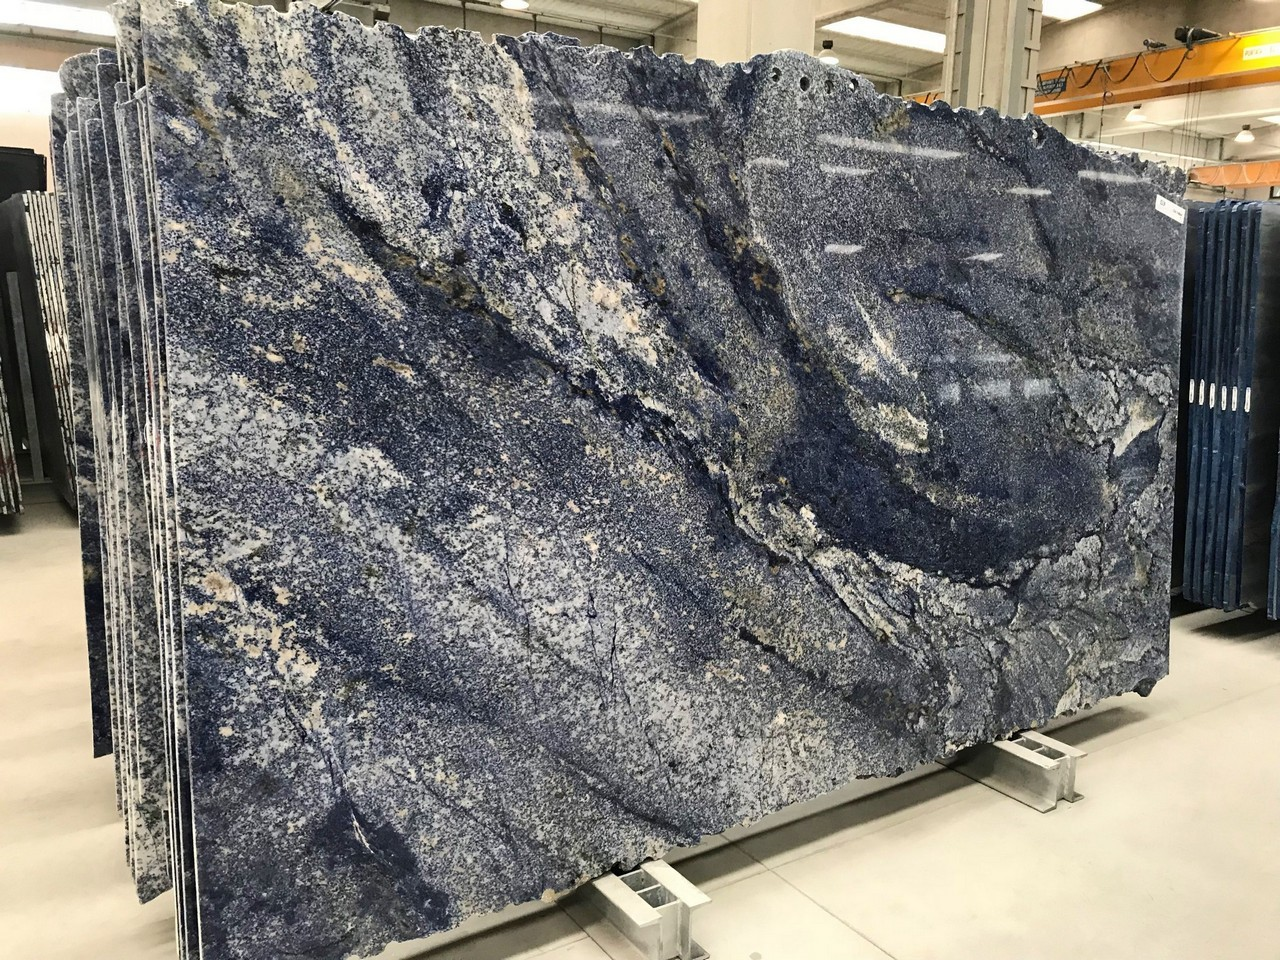 azul bahia slabs marble trend